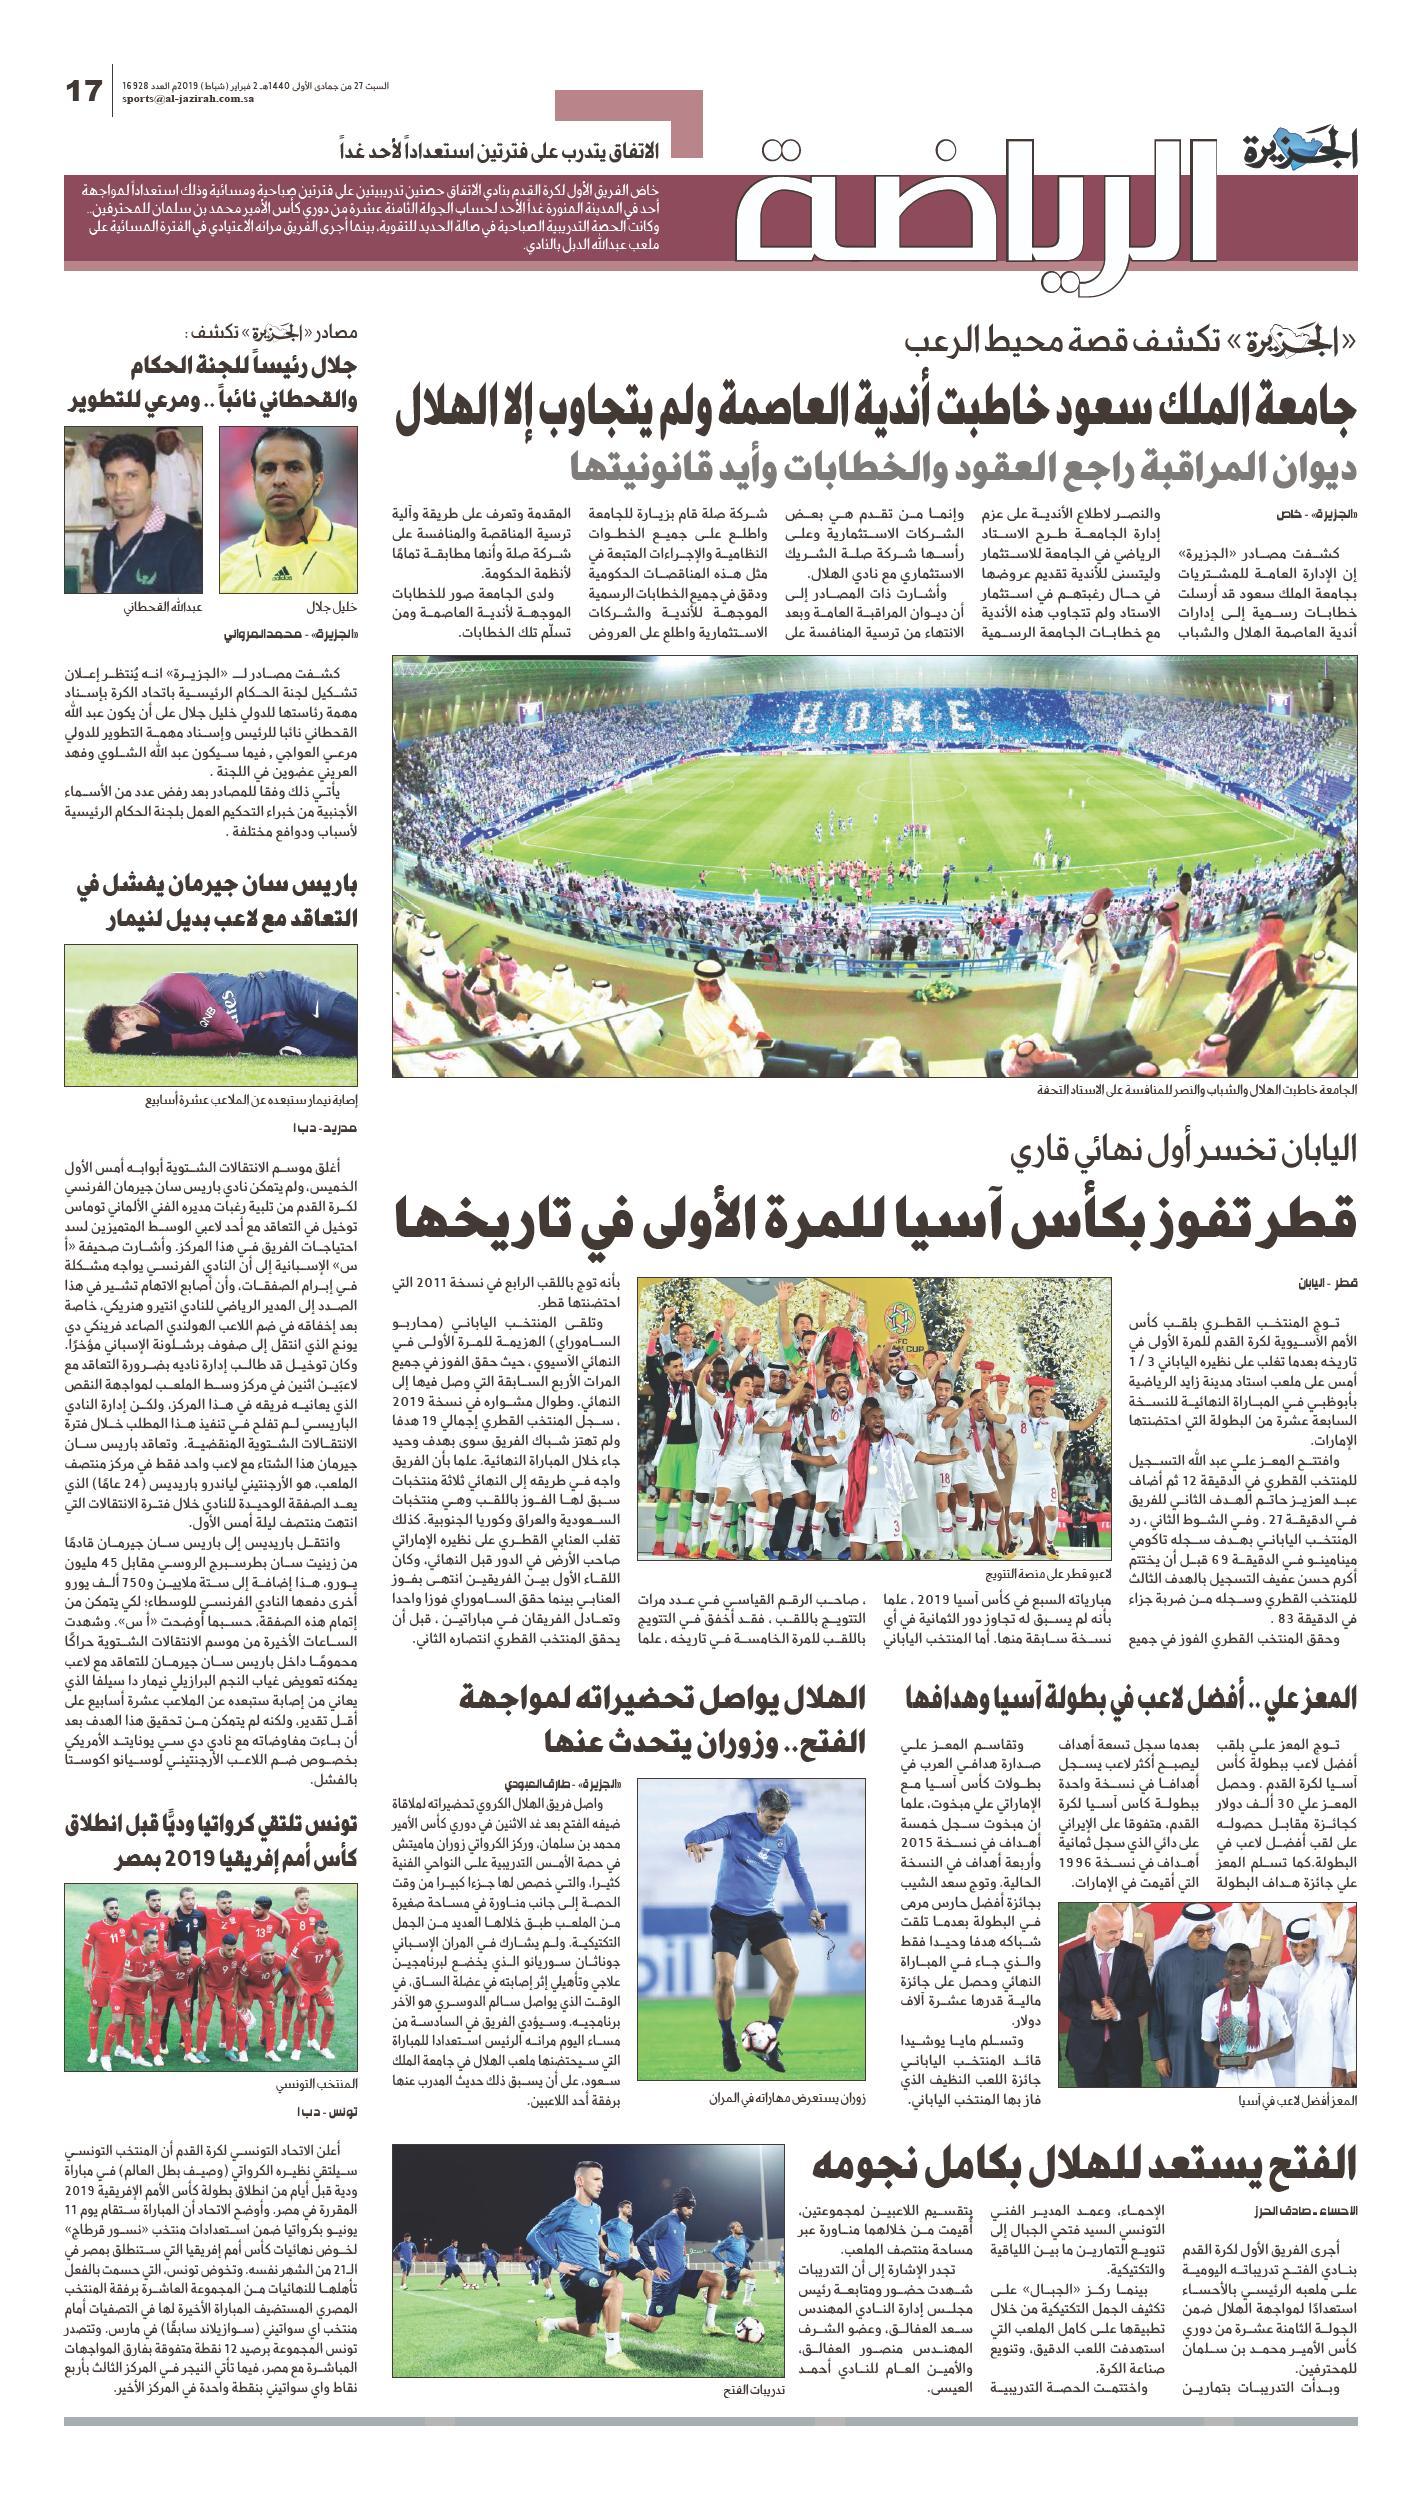 أخبار الاتحاد في الصحف لهذا اليوم السبت - 27-جمادي الأولى-1440هـ